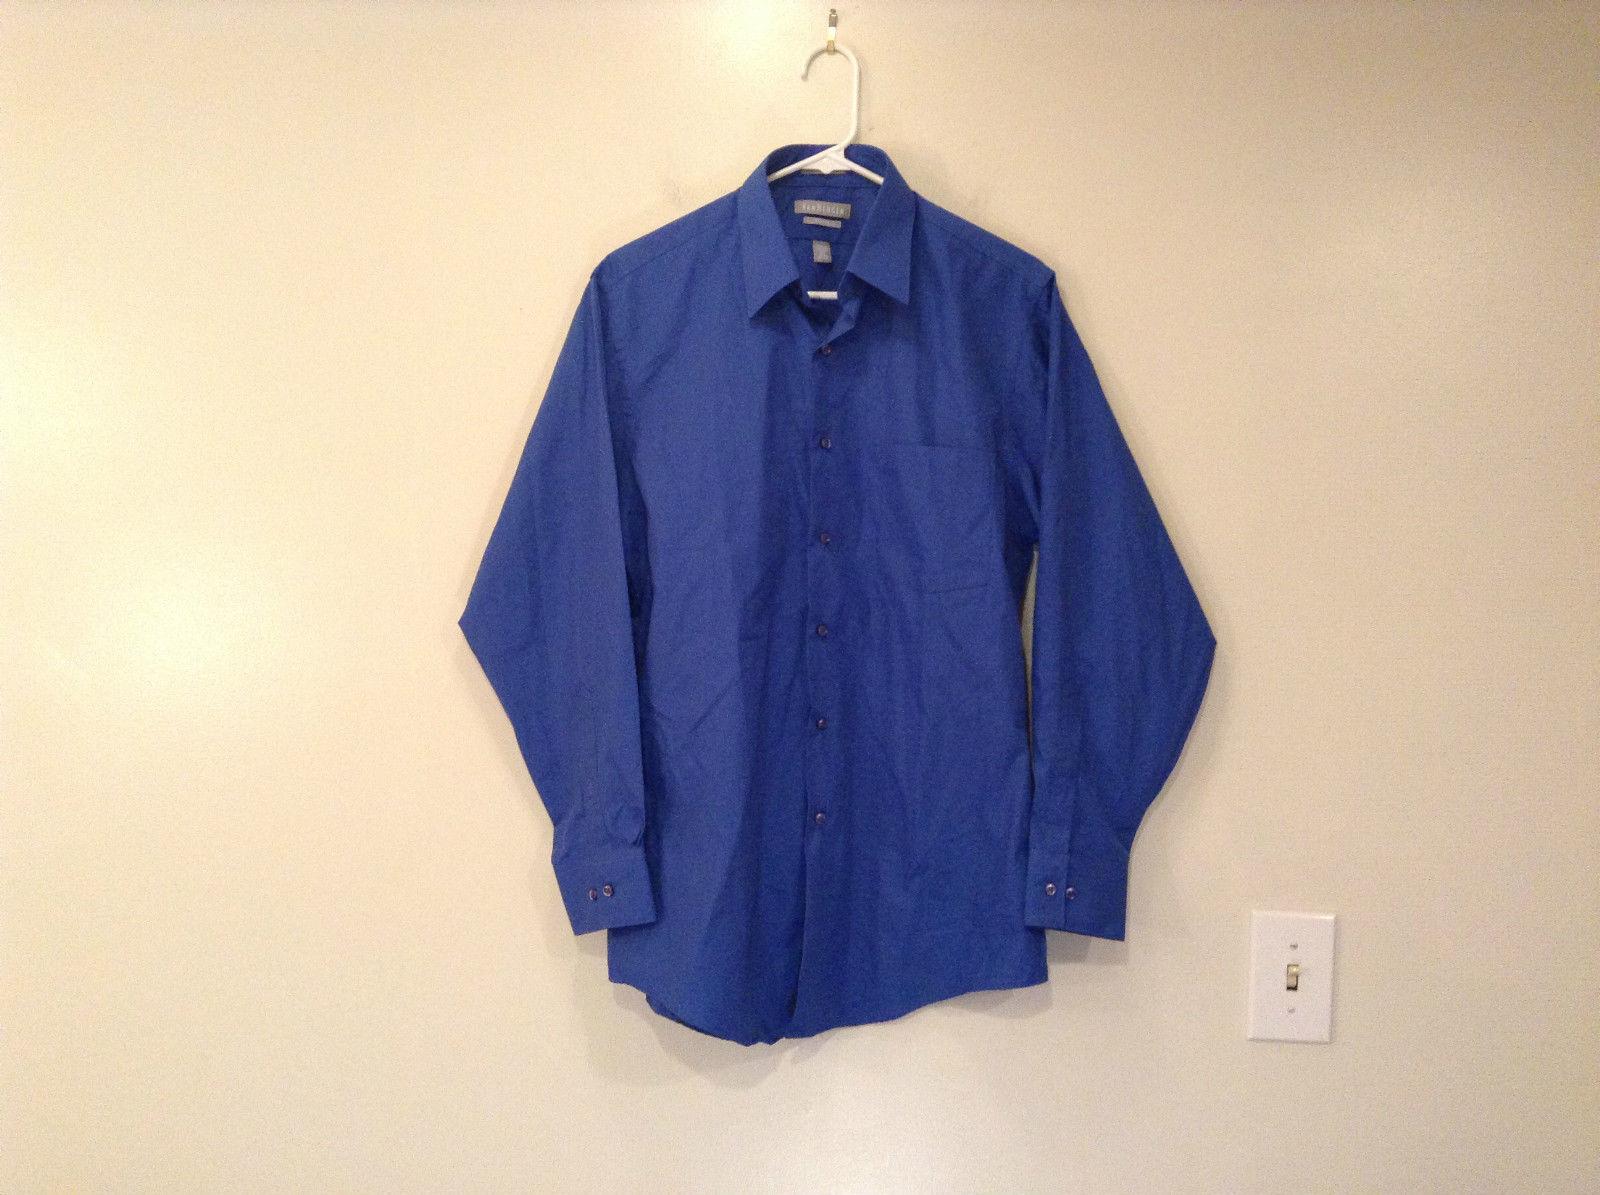 Van Heusen Deep Blue Button Front Long Sleeve Shirt Size 32 to 33